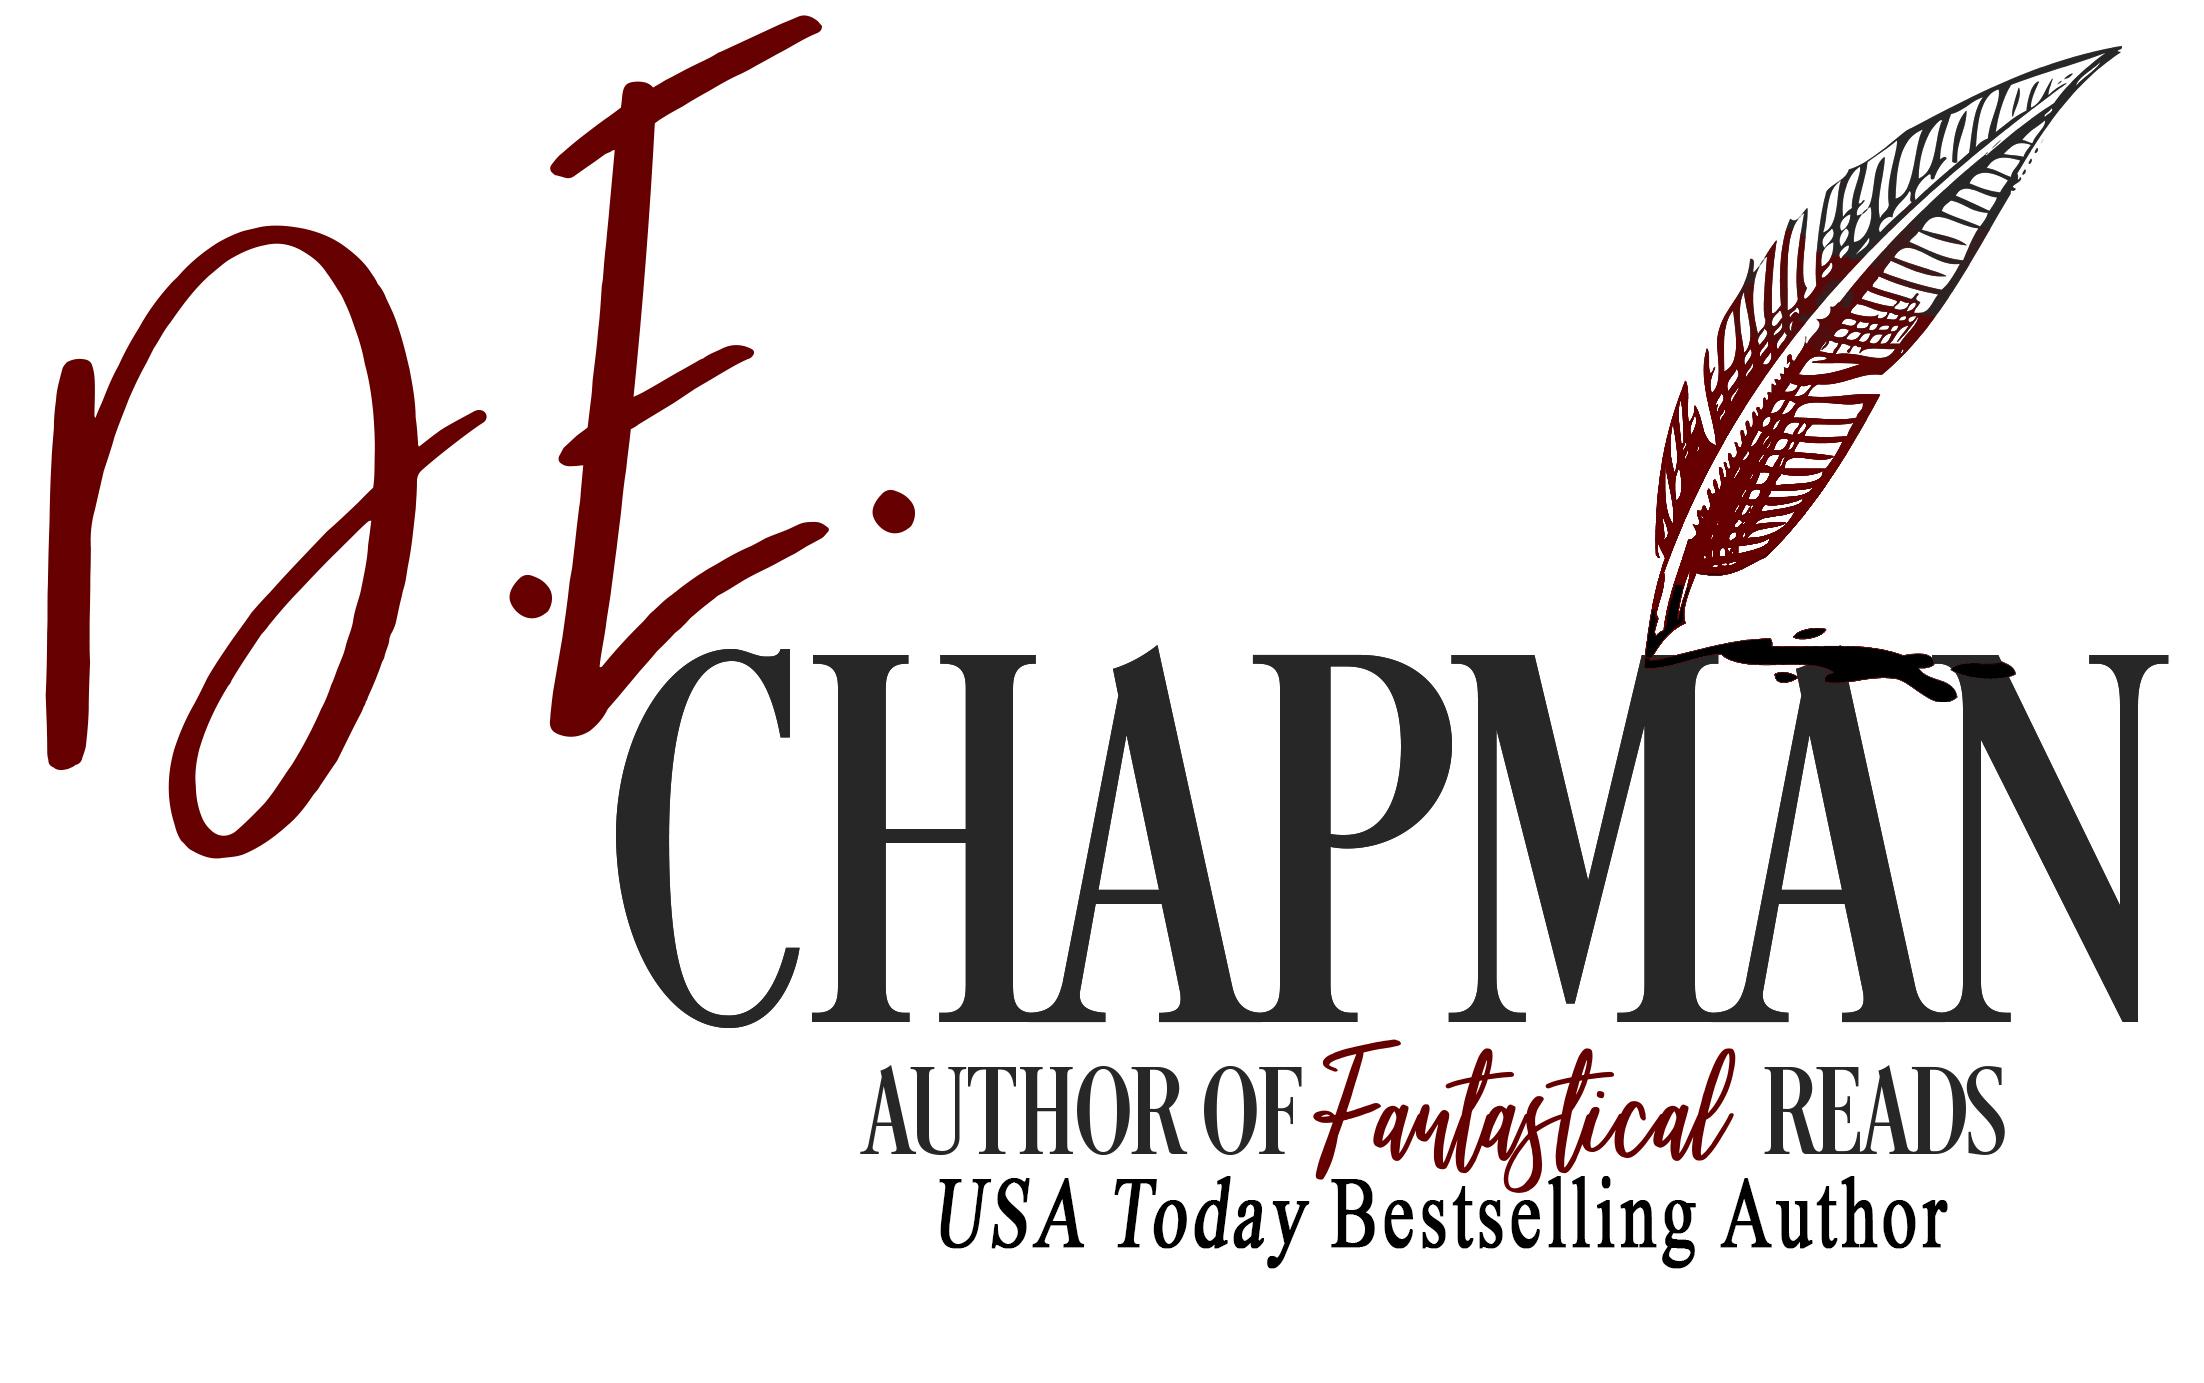 D.E. Chapman